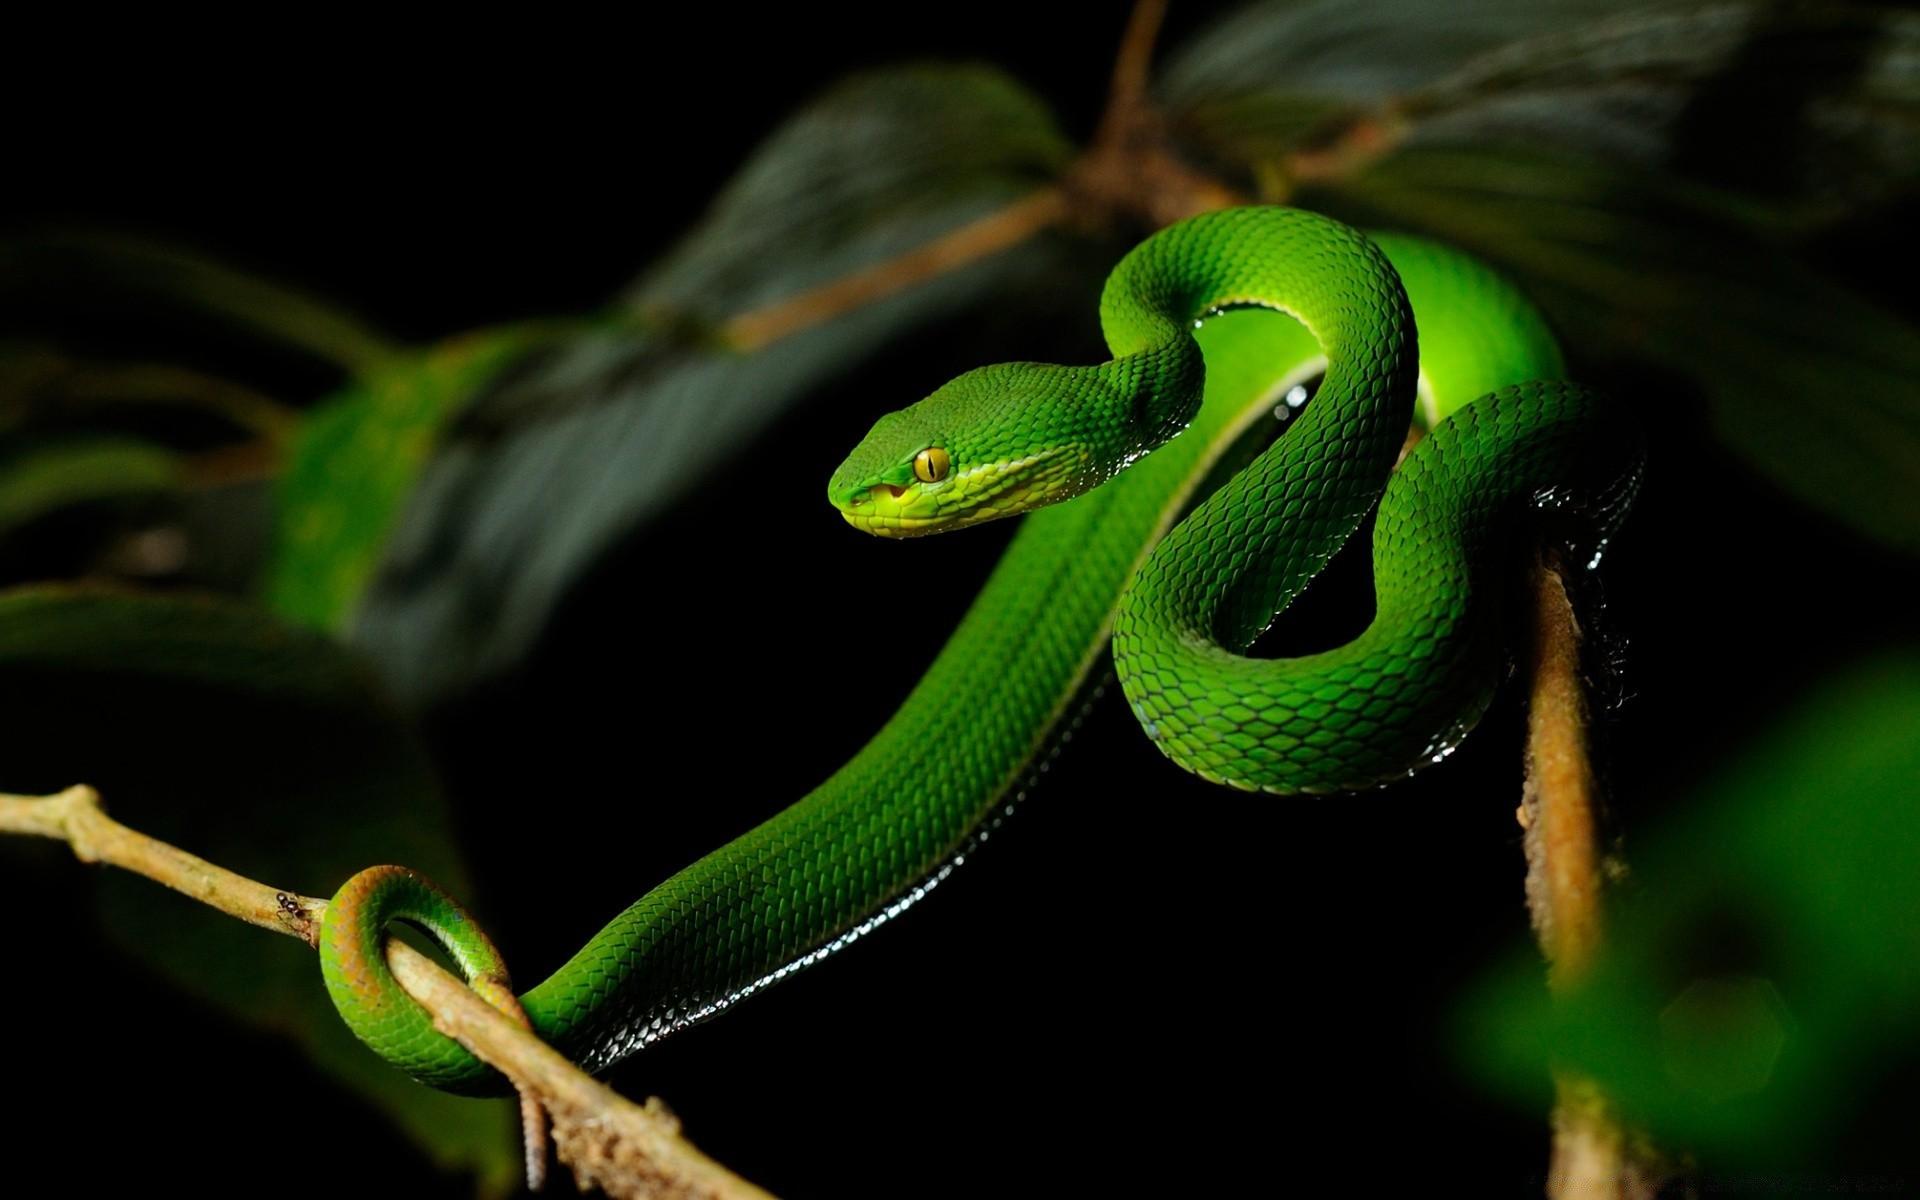 белый губами Pit Viper змея обои на телефон бесплатно